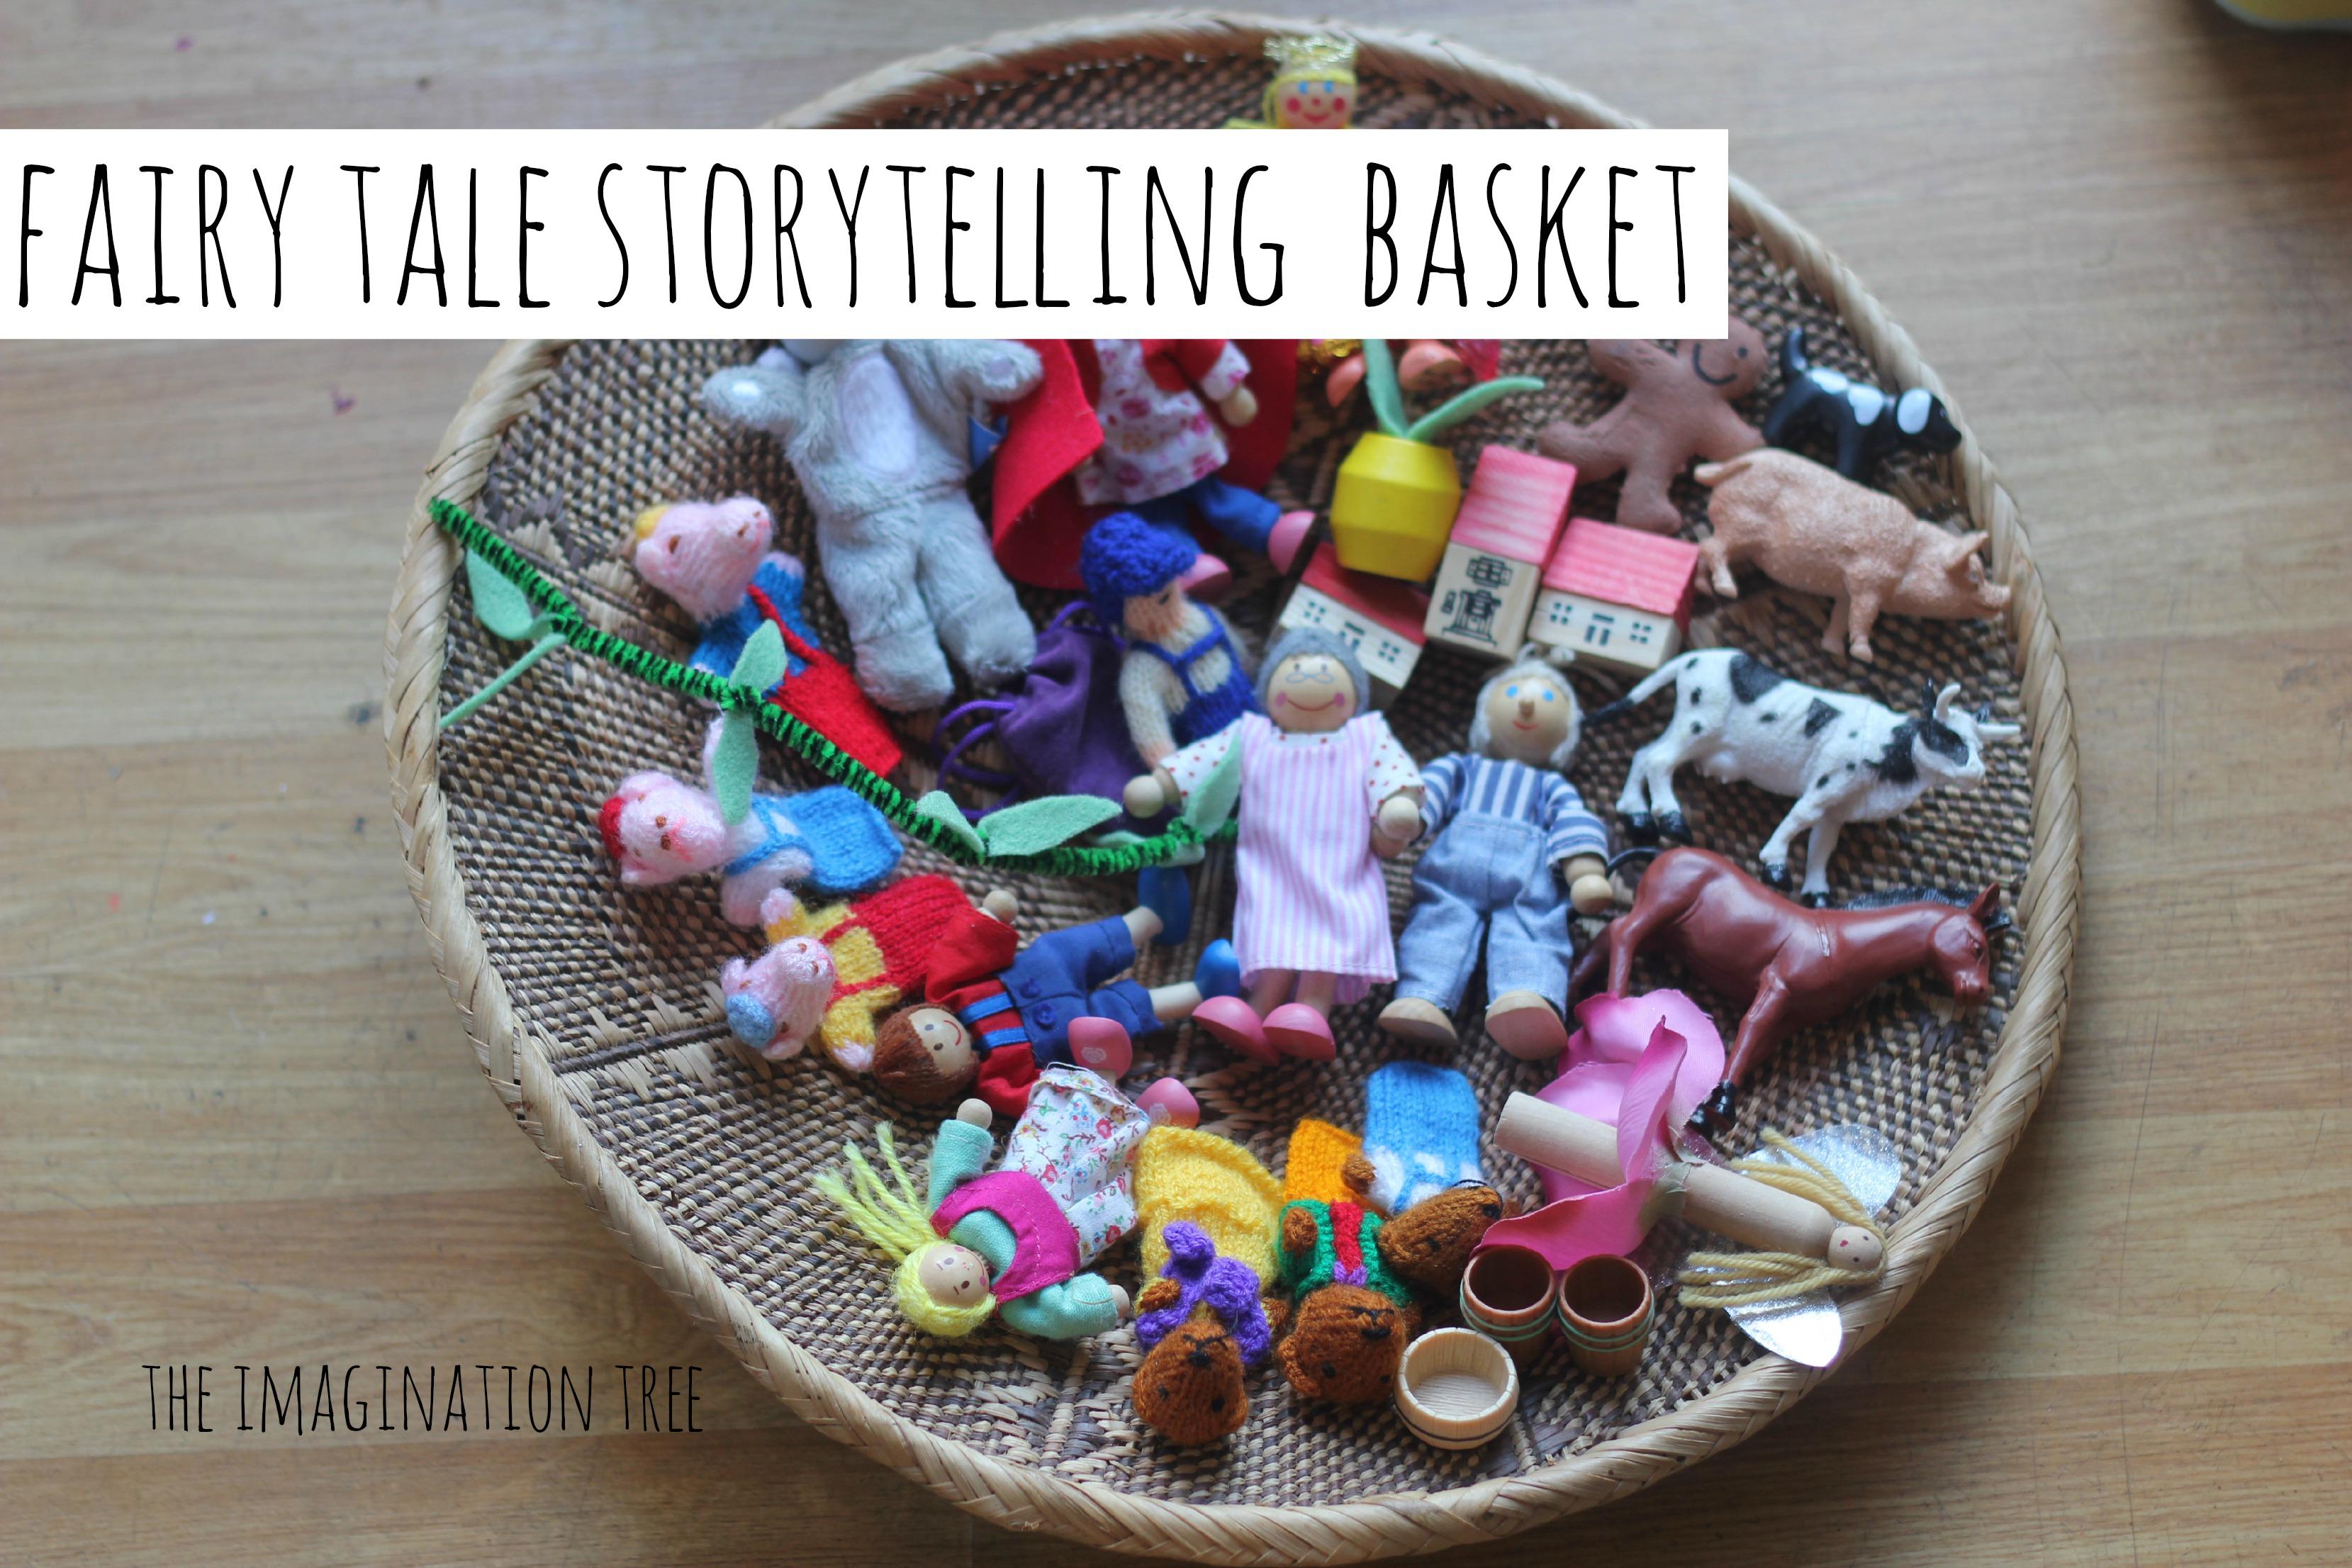 Fairytale Storytelling Basket - The Imagination Tree